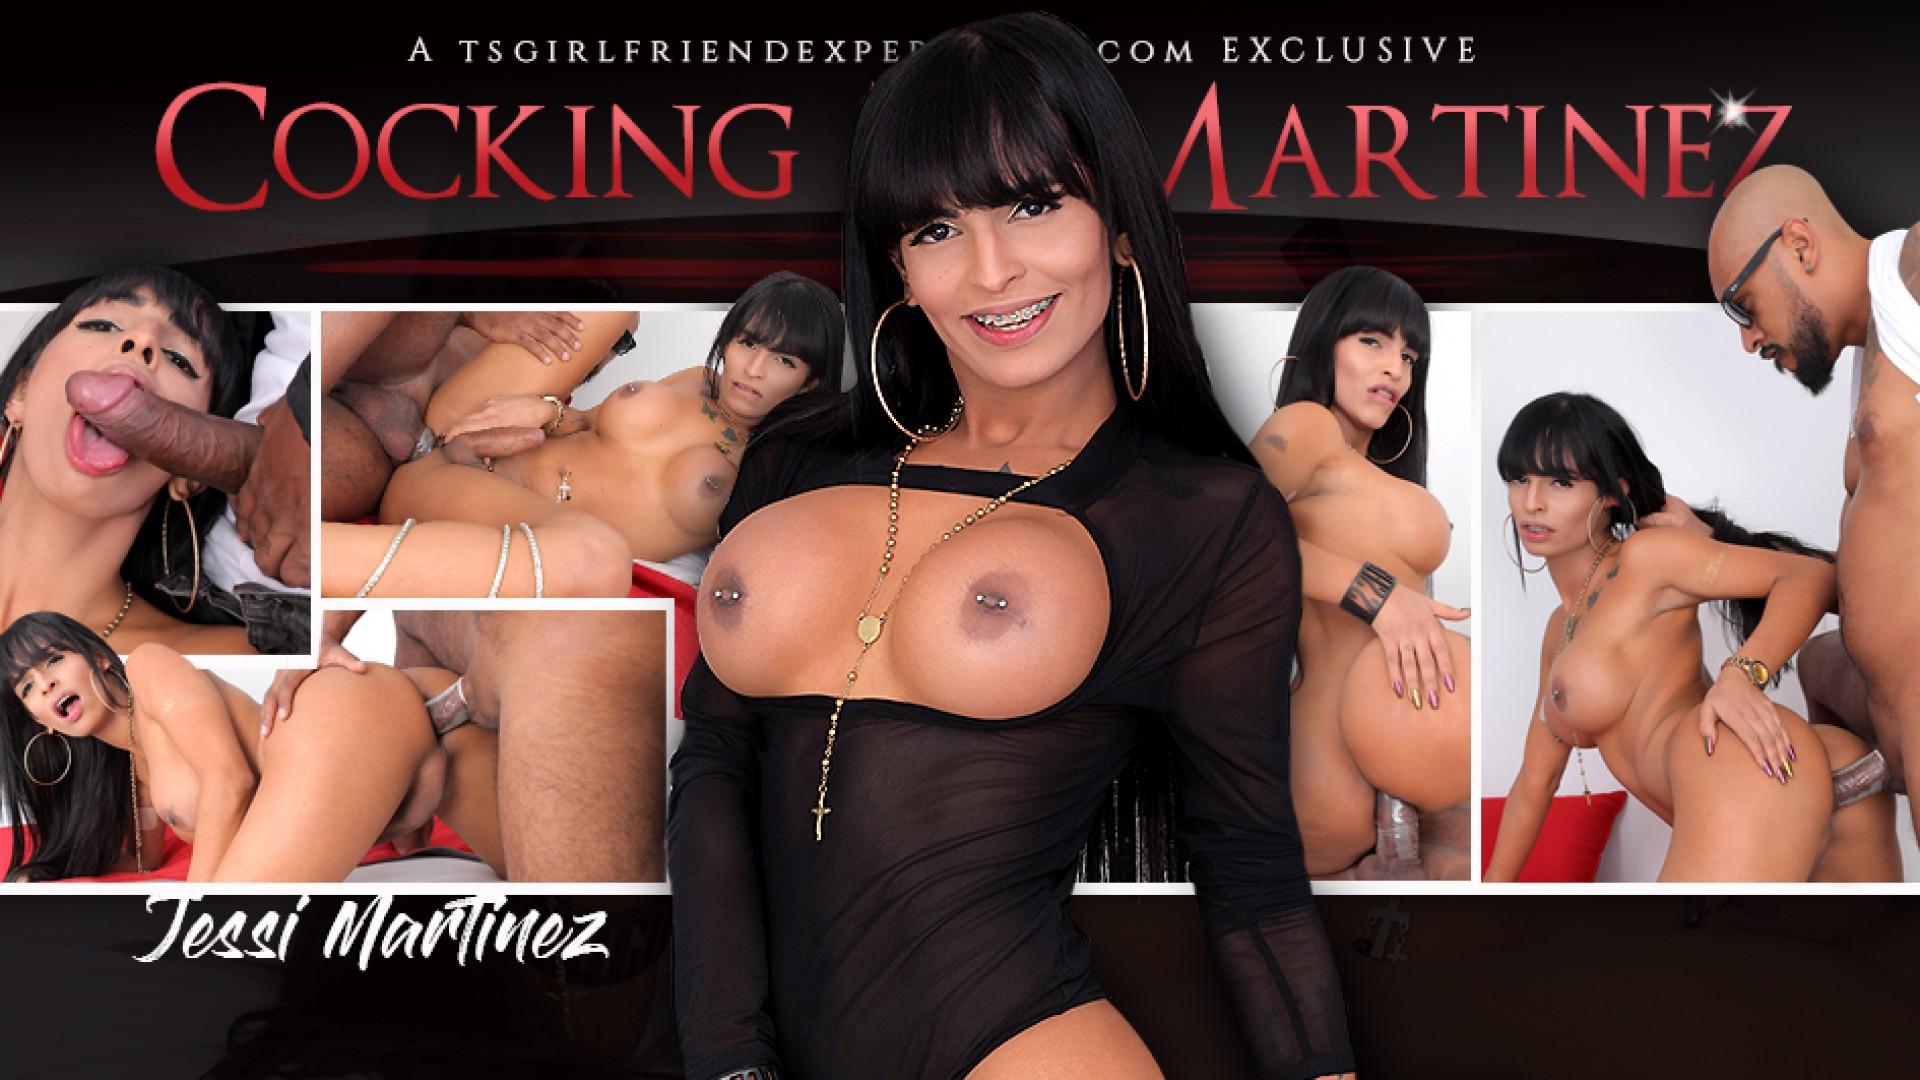 Aylen Milla Porno transexual porn stars - famous ts models - trans500